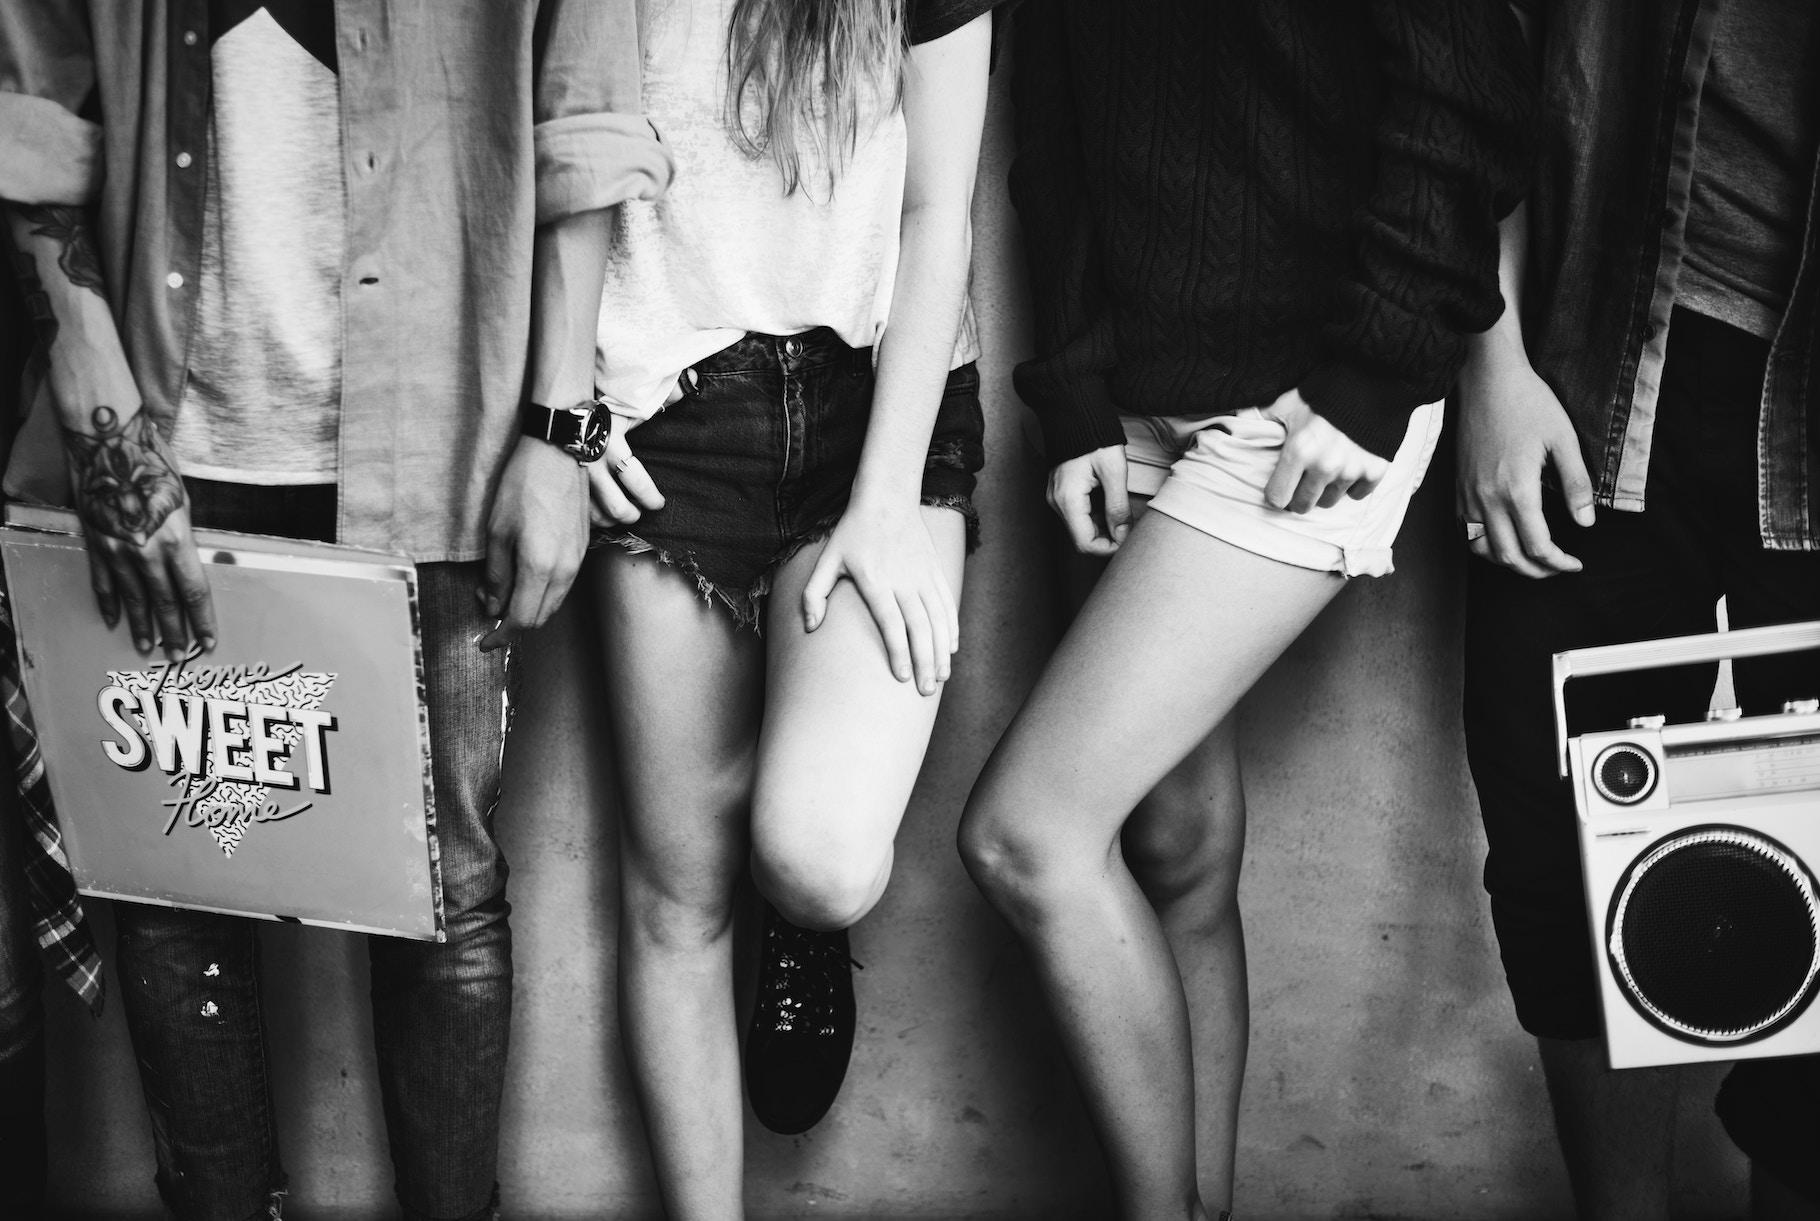 Канікули в ТРЦ: Як сучасна культура «заводить» тінейджерів у молли і що з цим робити